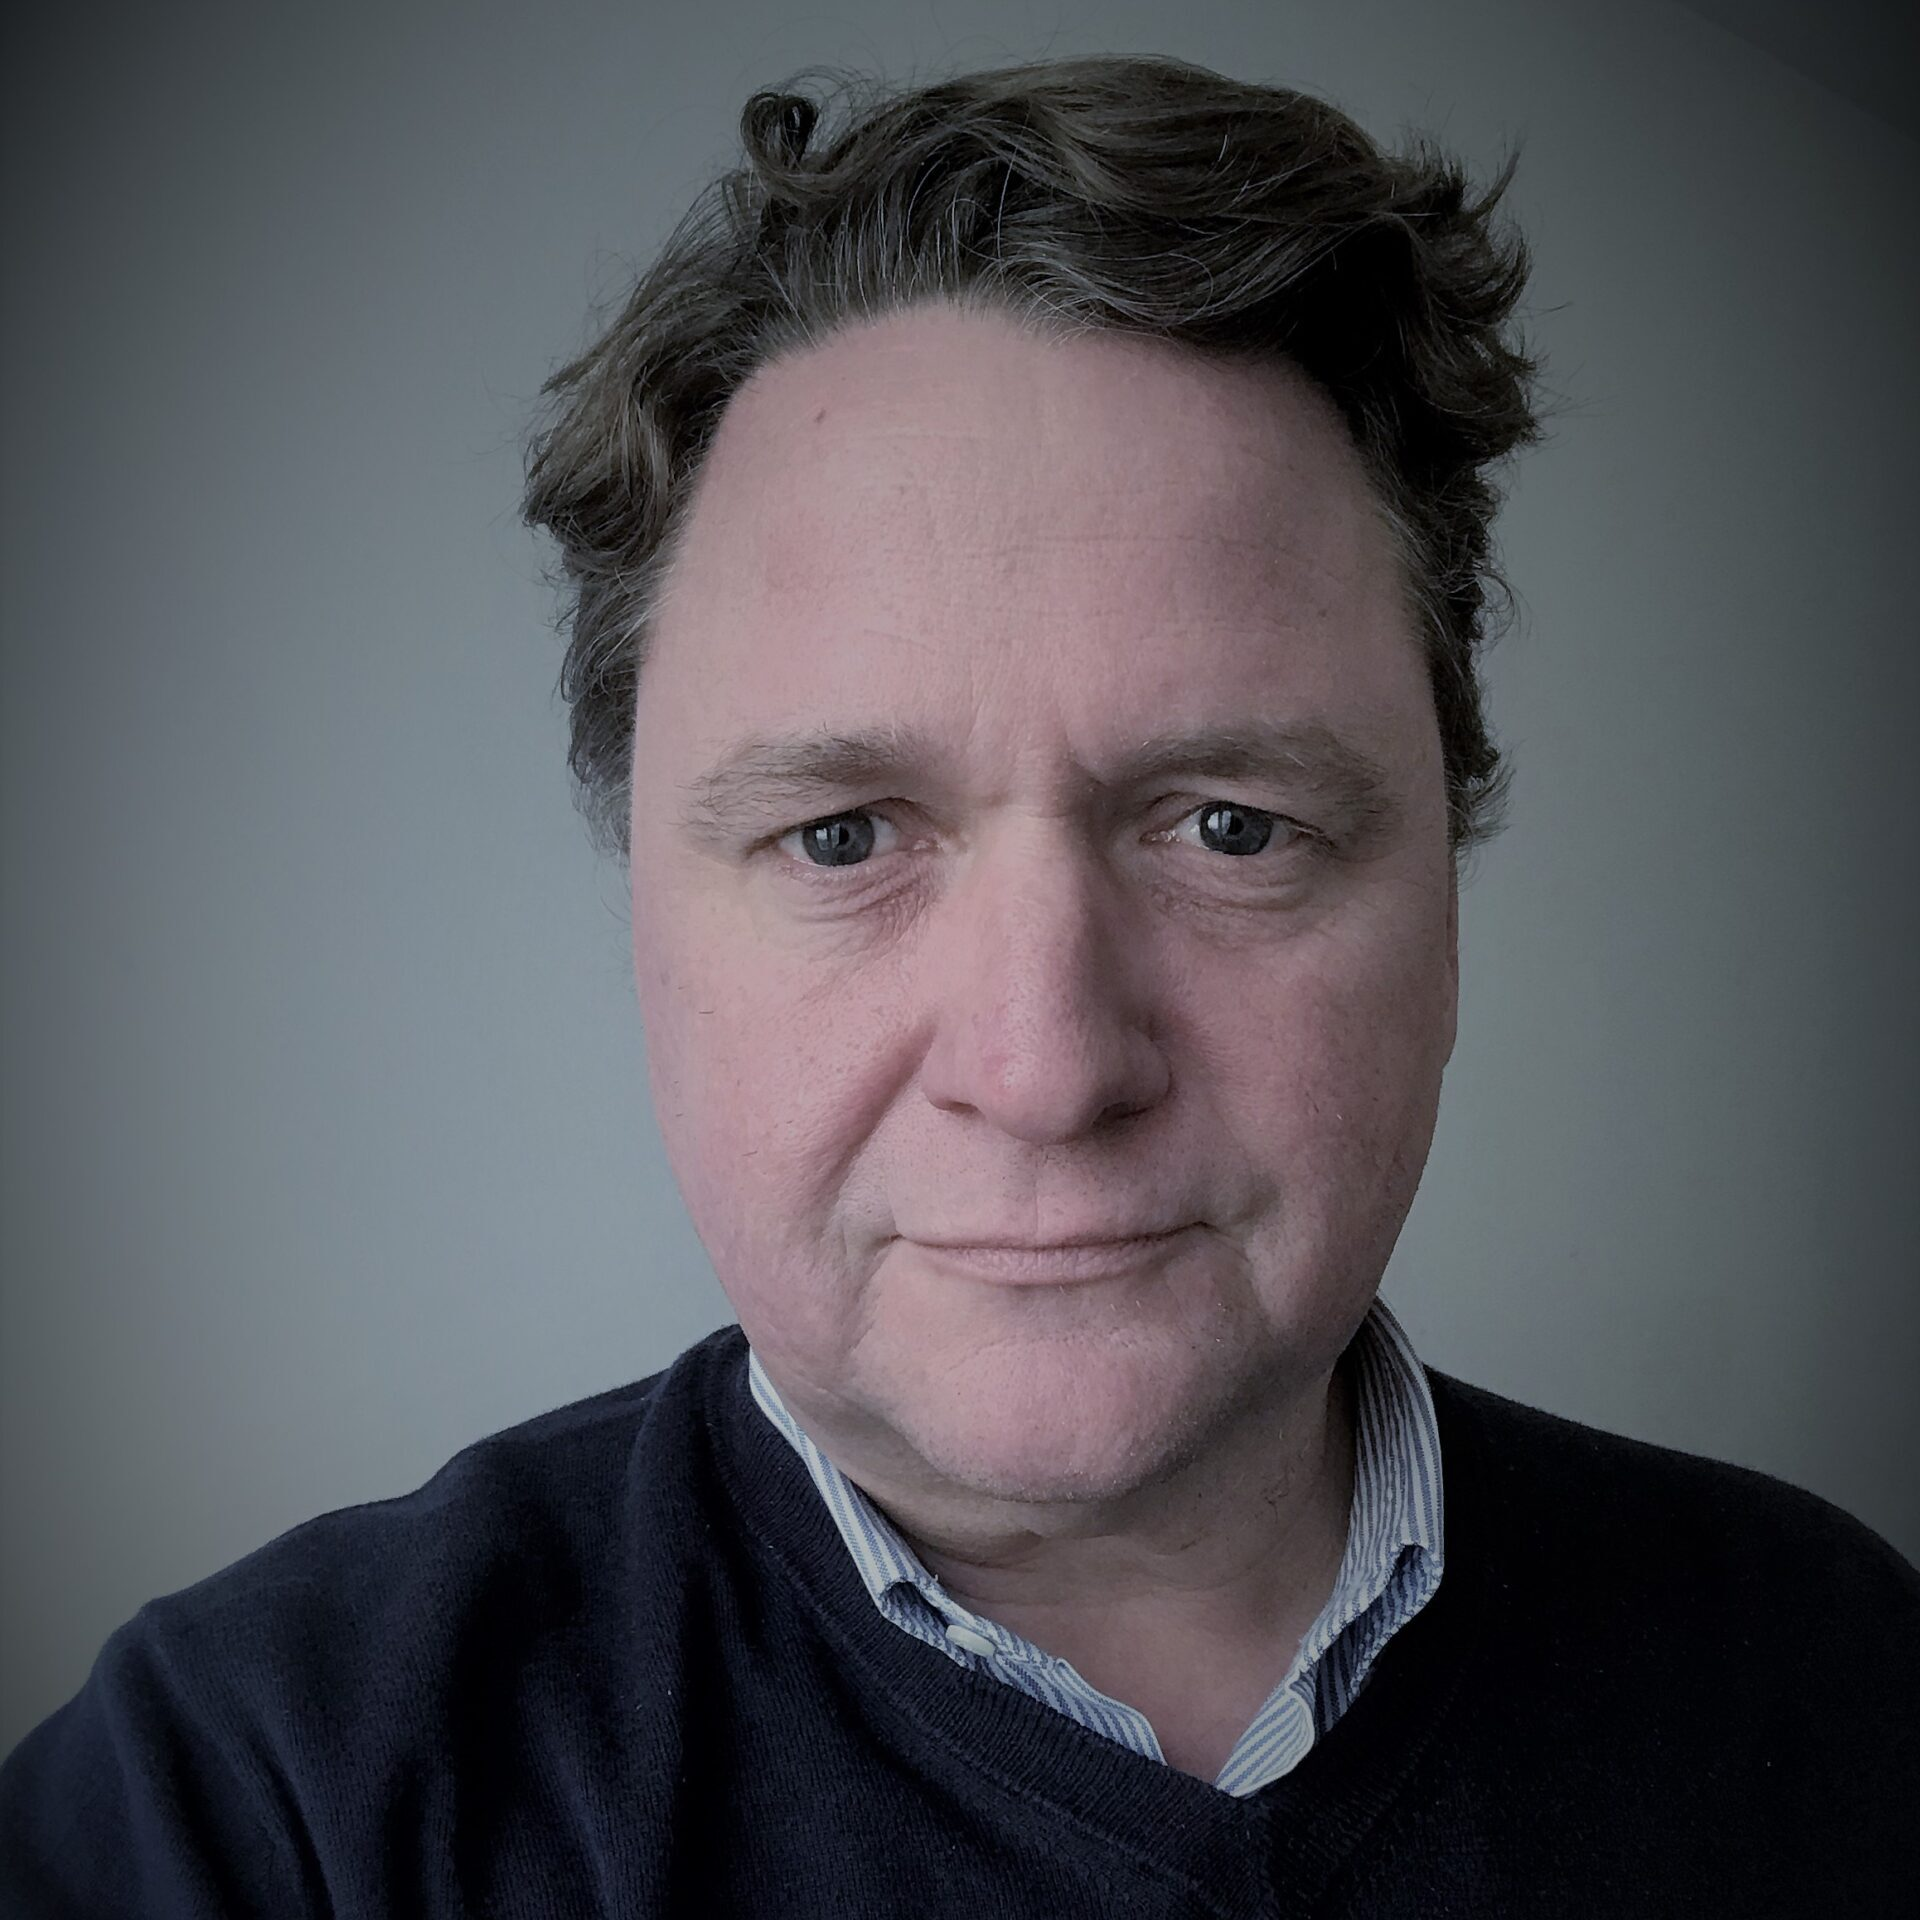 Axel Lintermans portrait